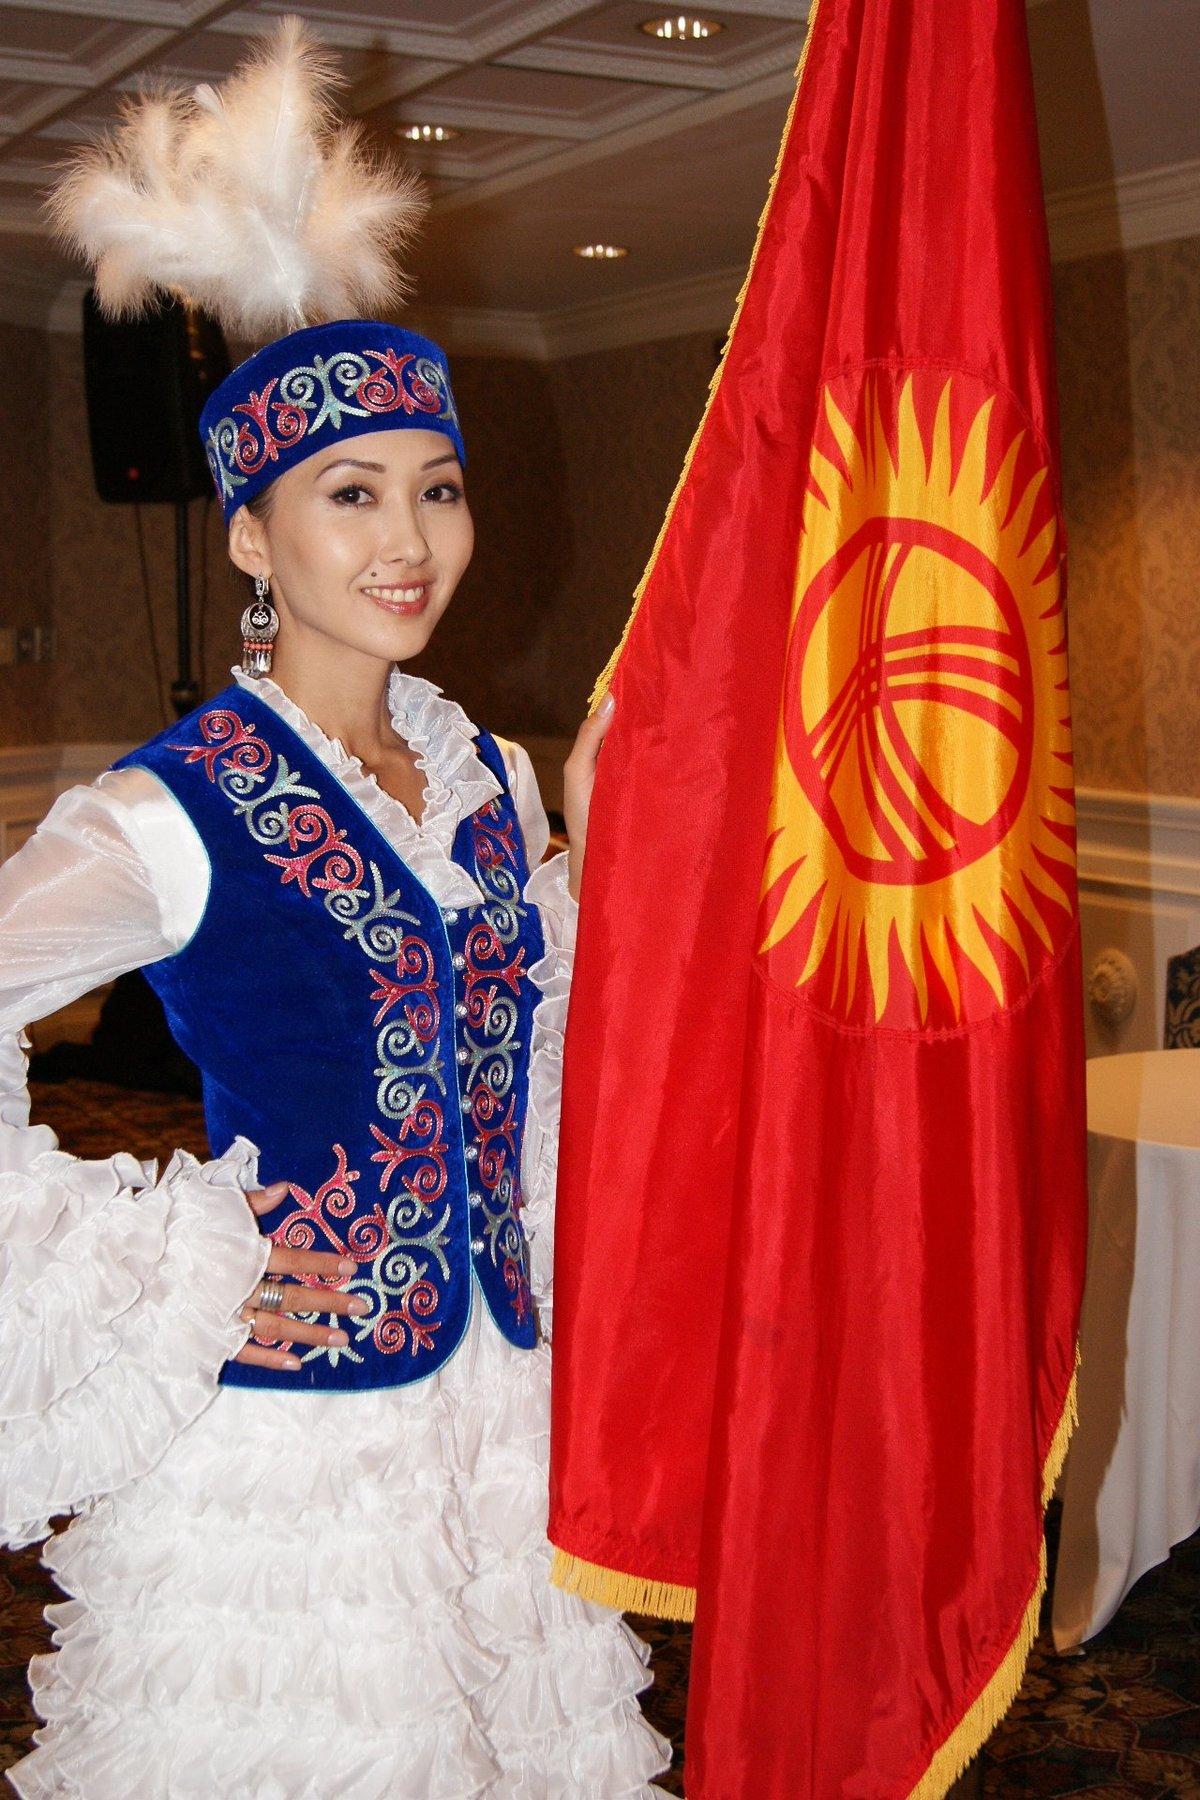 киргизская национальная одежда картинки все ограничения сняты